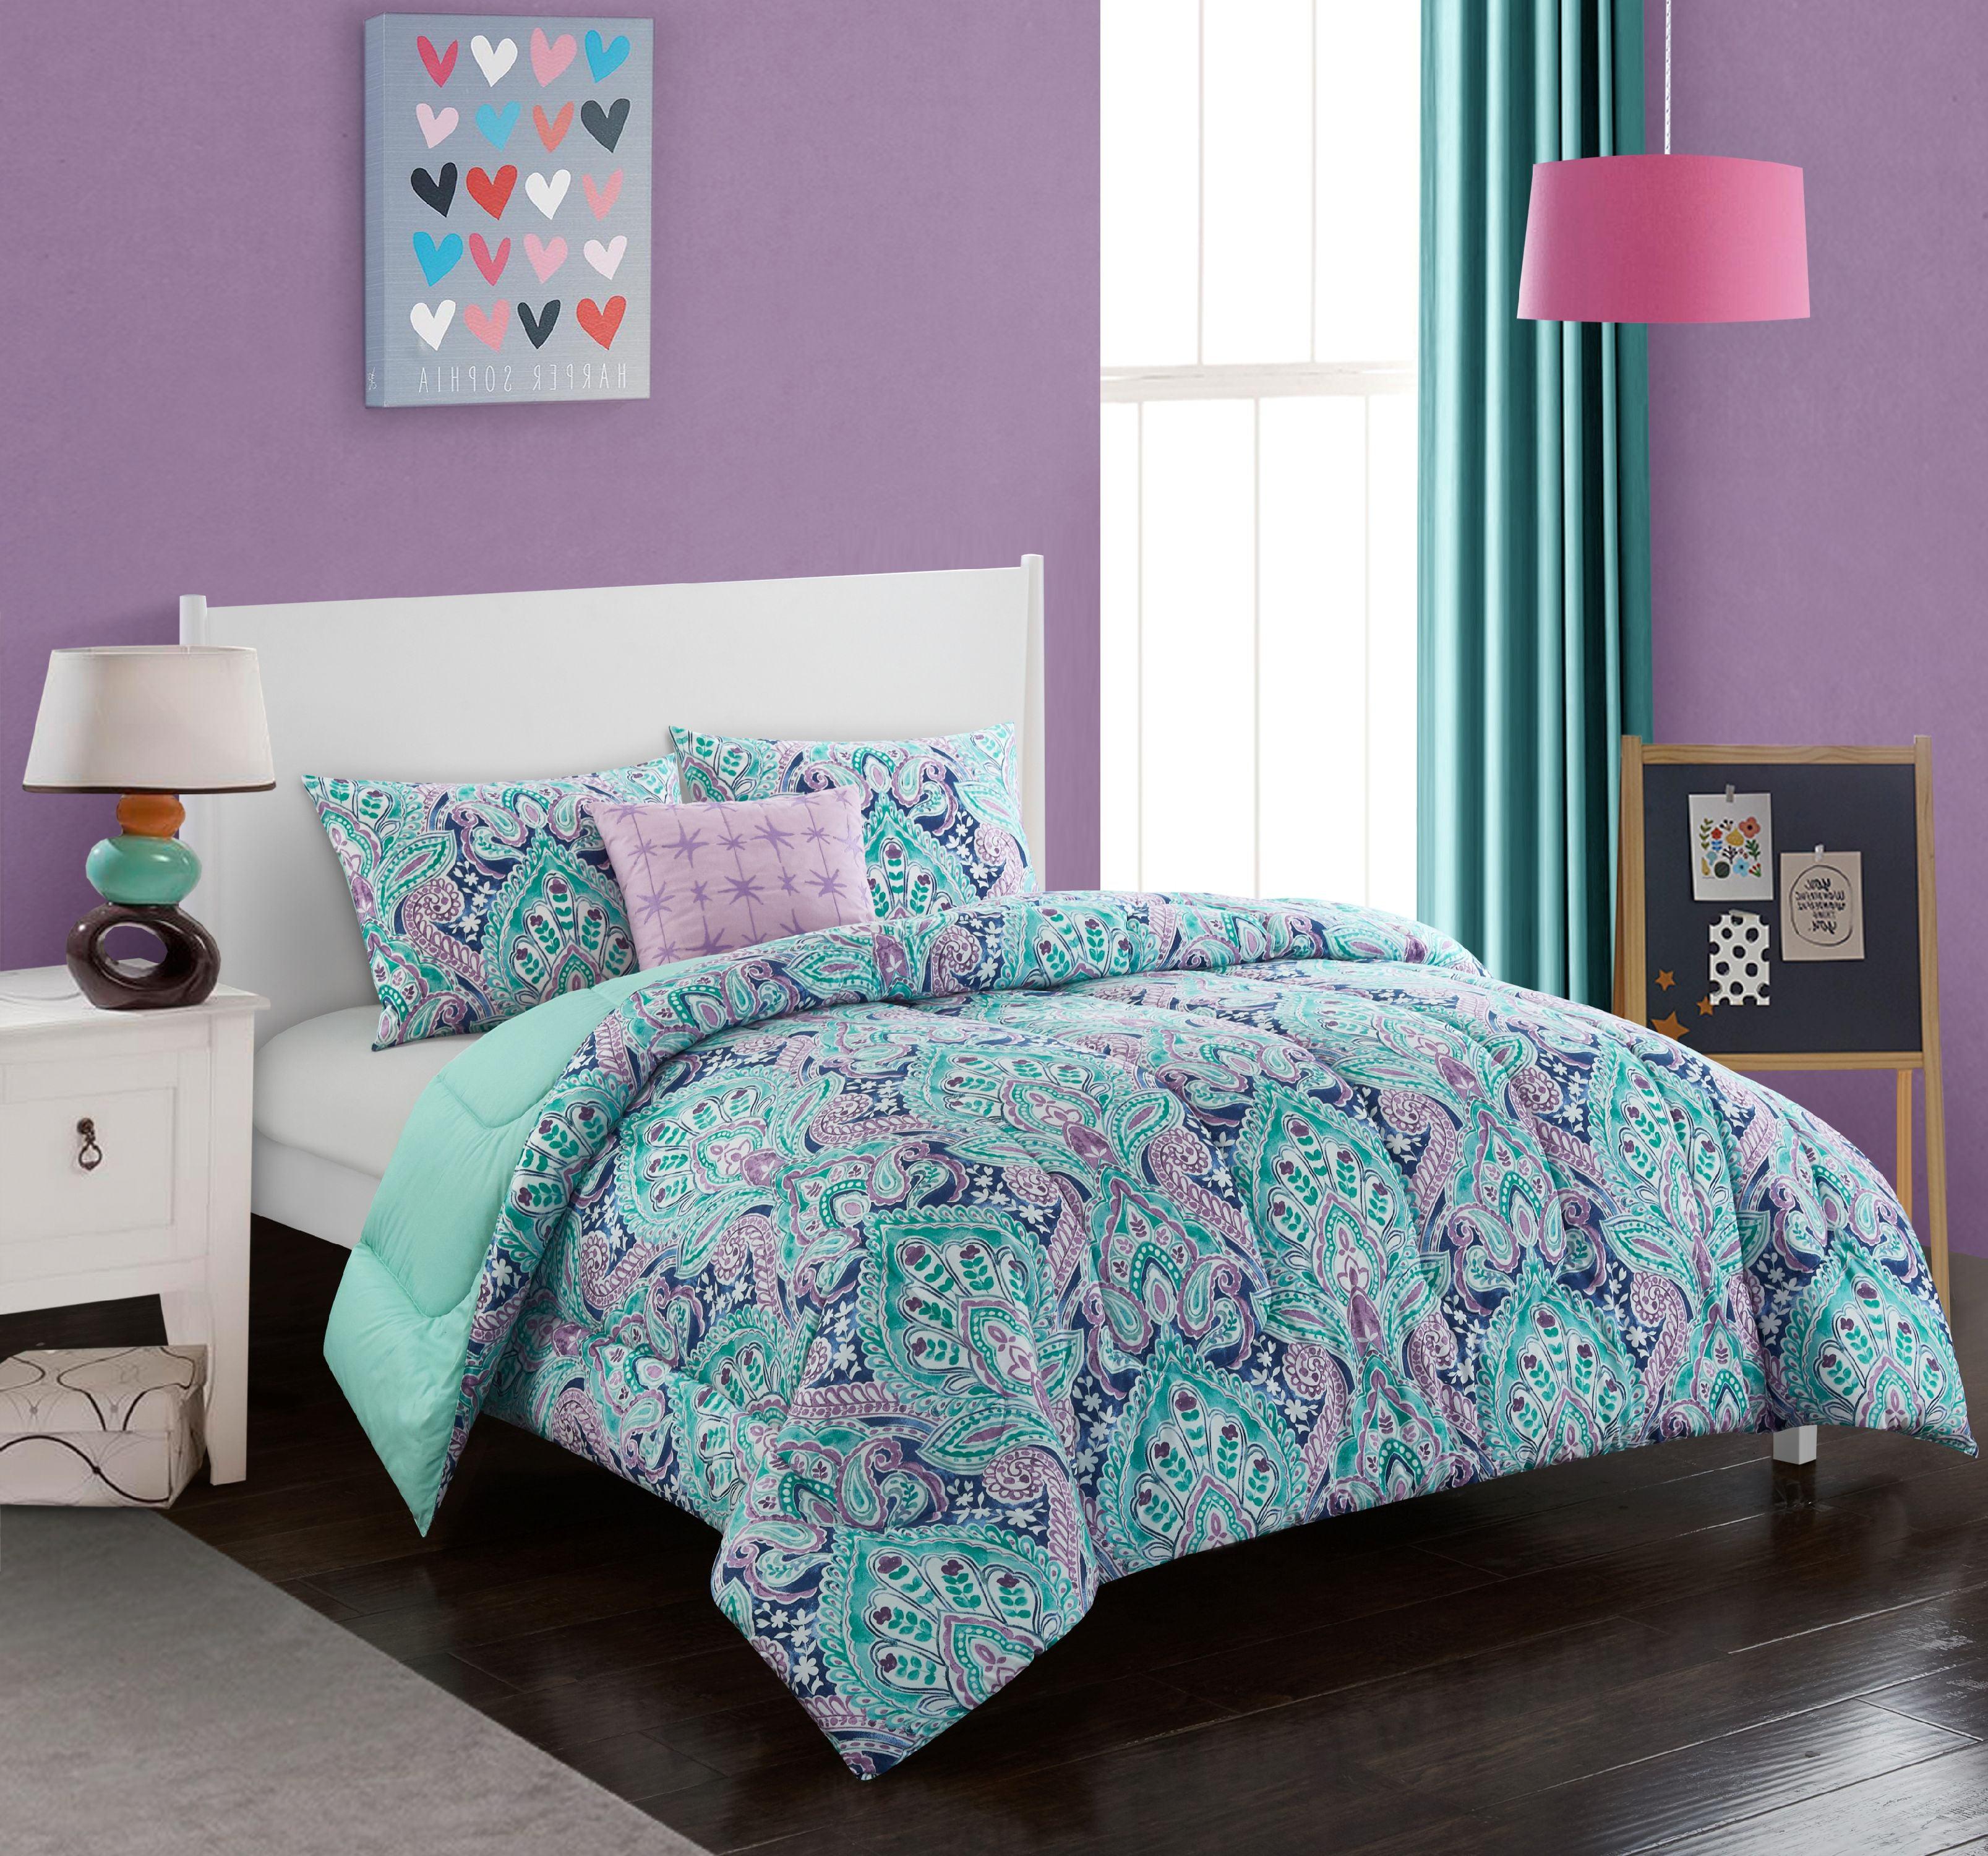 Better Homes & Gardens Fanning Floral Comforter Set